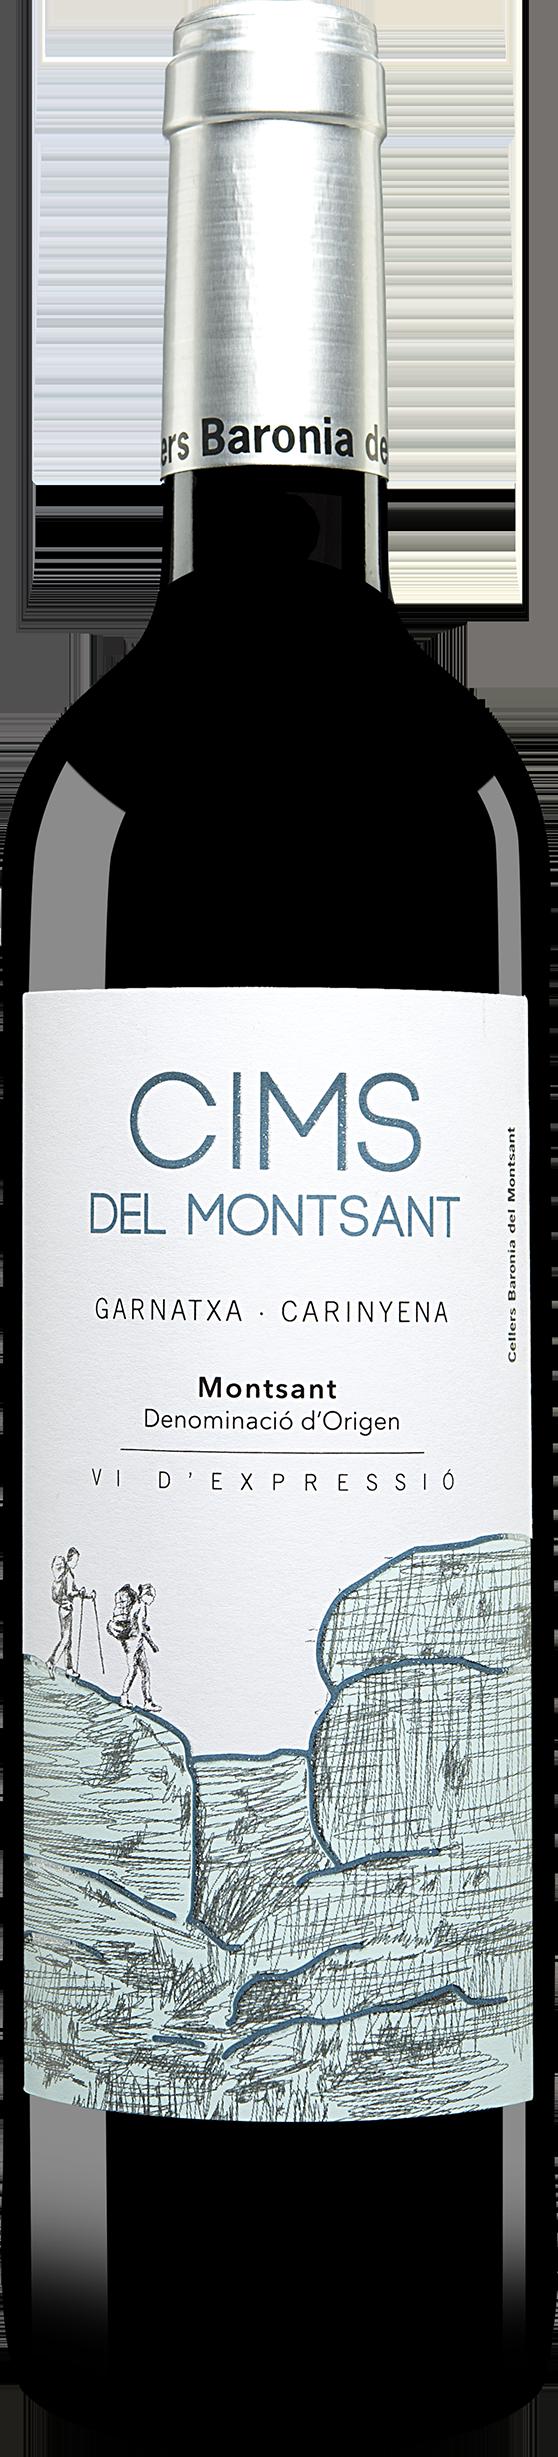 90 Punkte + Gold: Cims del Montsant 2013 nur 6,50 € statt 12,95 €